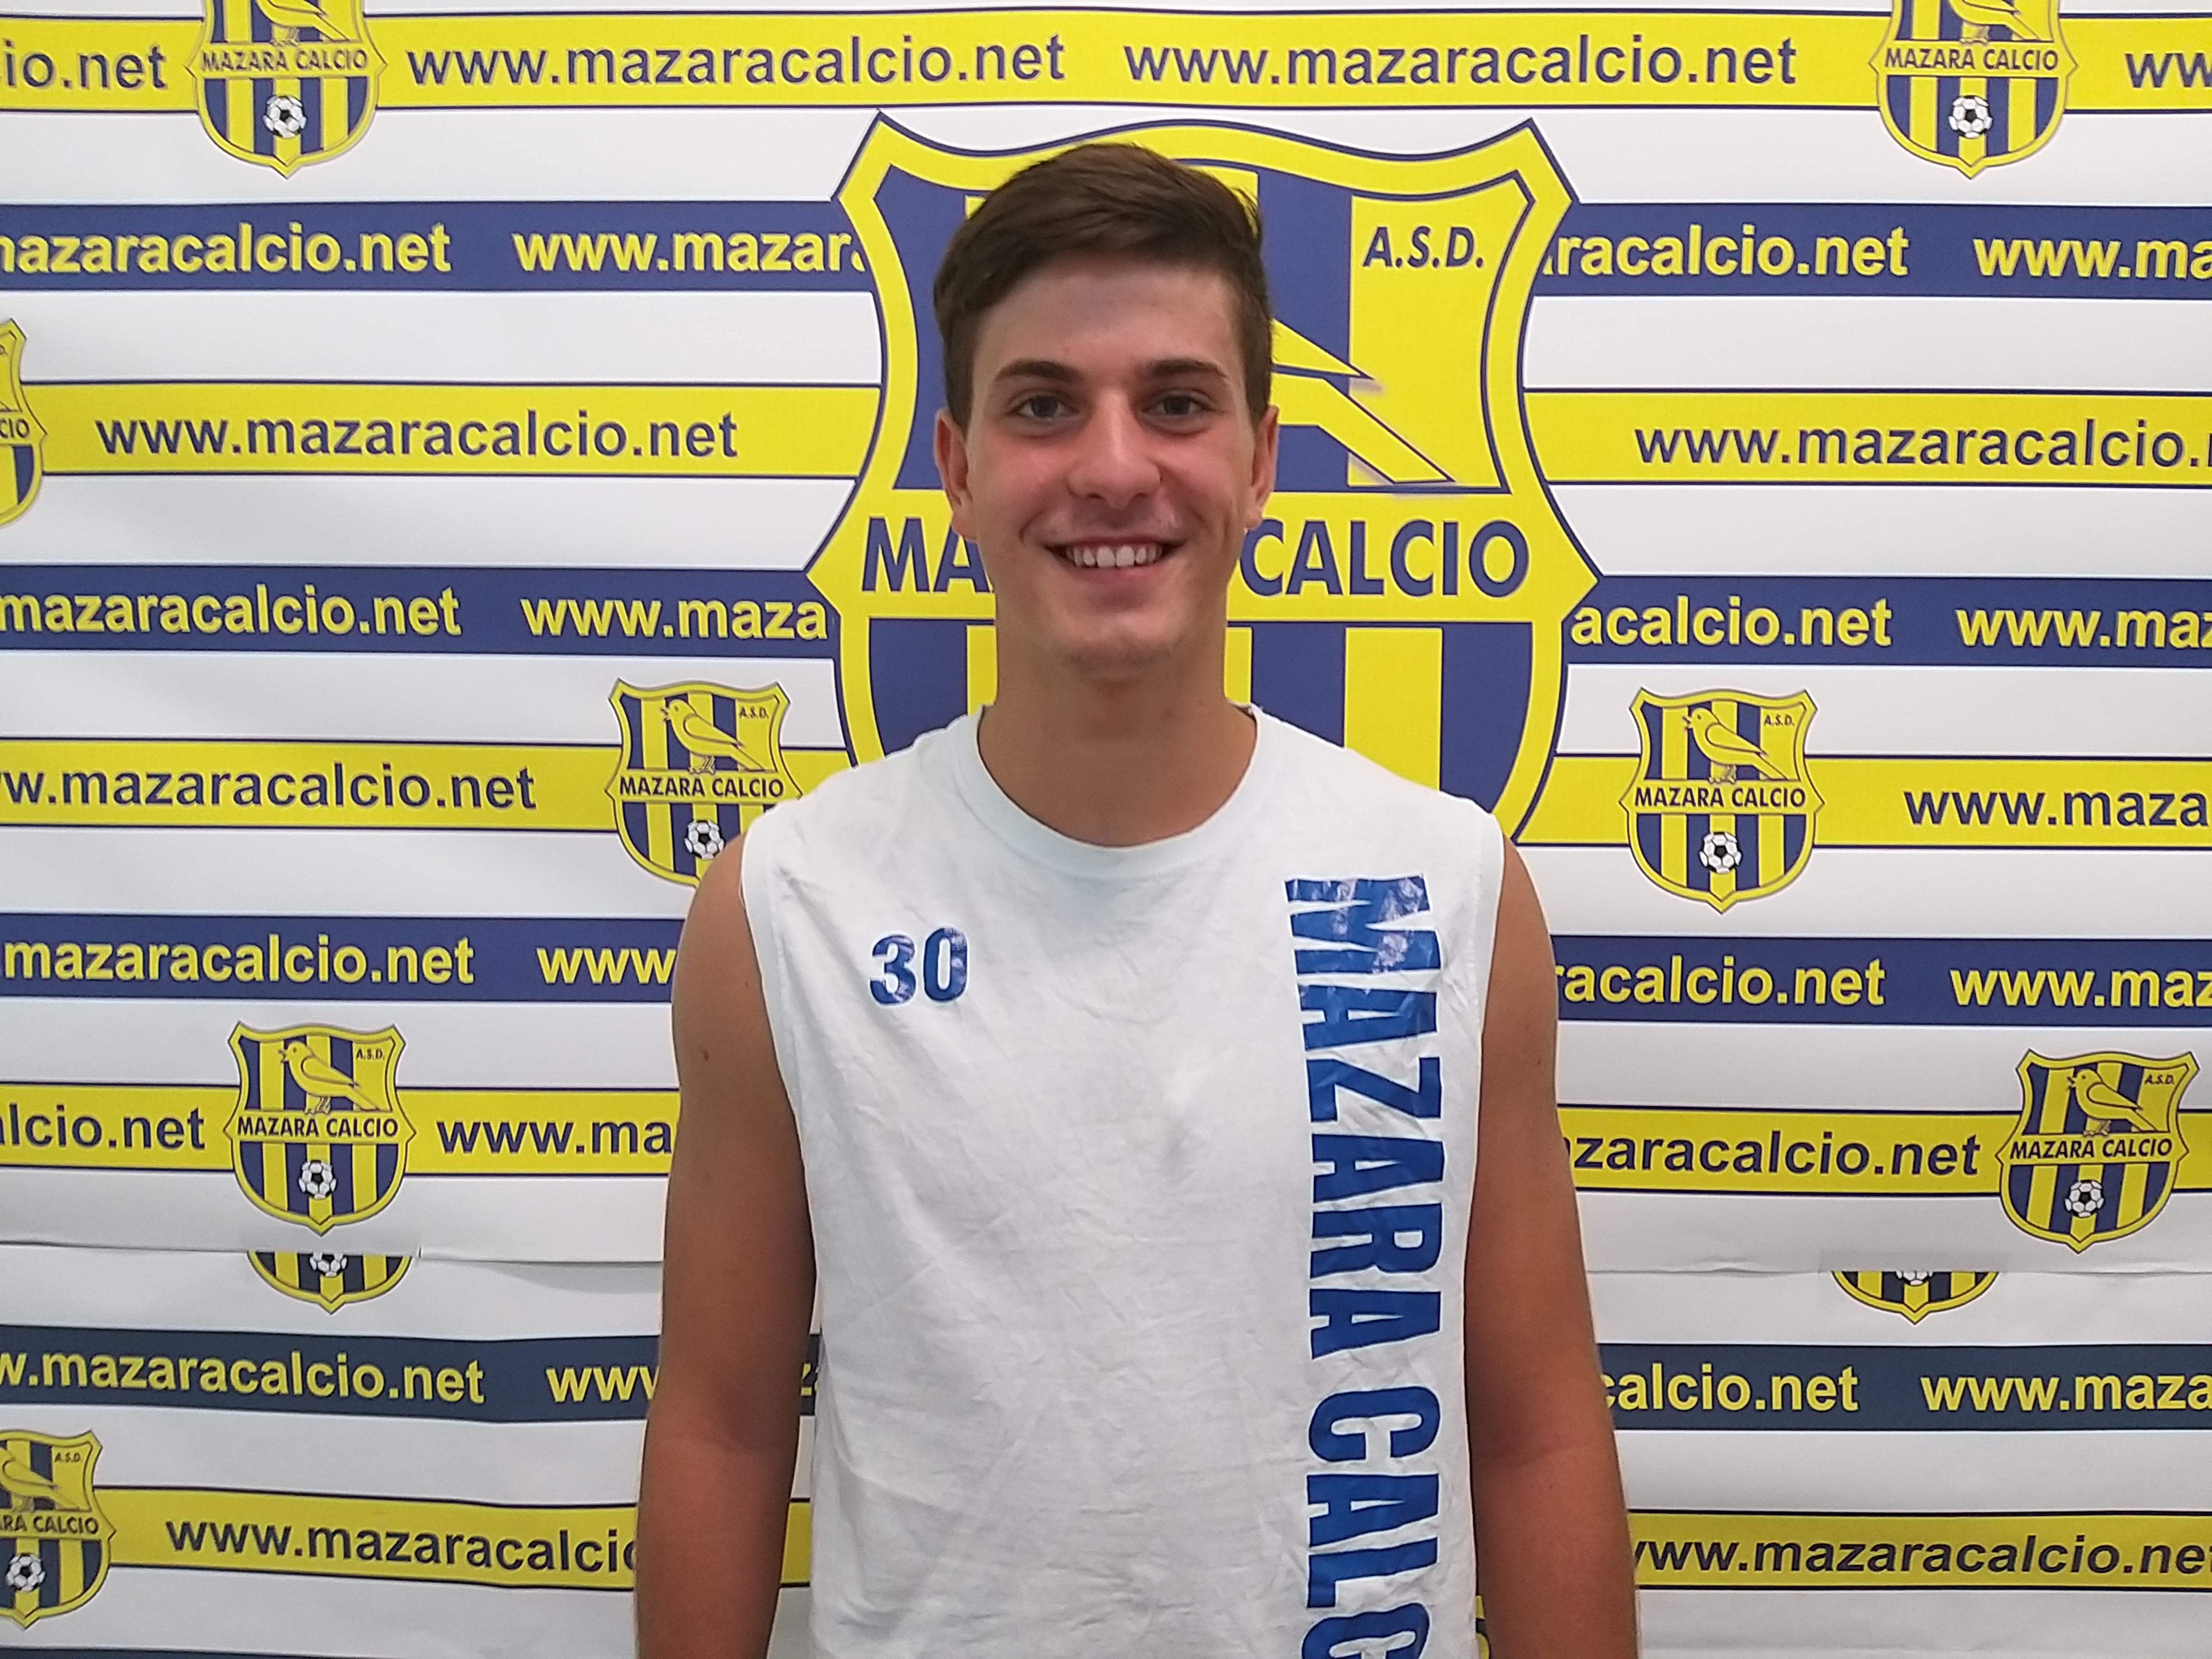 Mazara calcio: Tesserato il giovane difensore Aleandro Caradolfo